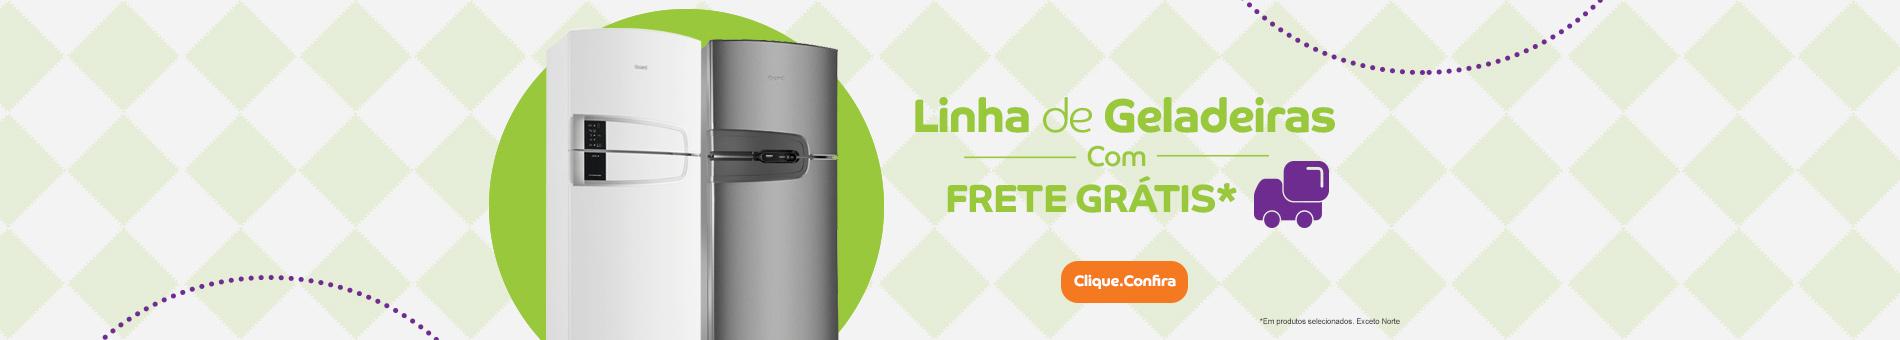 Promoção Interna - 840 - diadefretegratis_geladeiras_home1_23092016 - geladeiras - 1